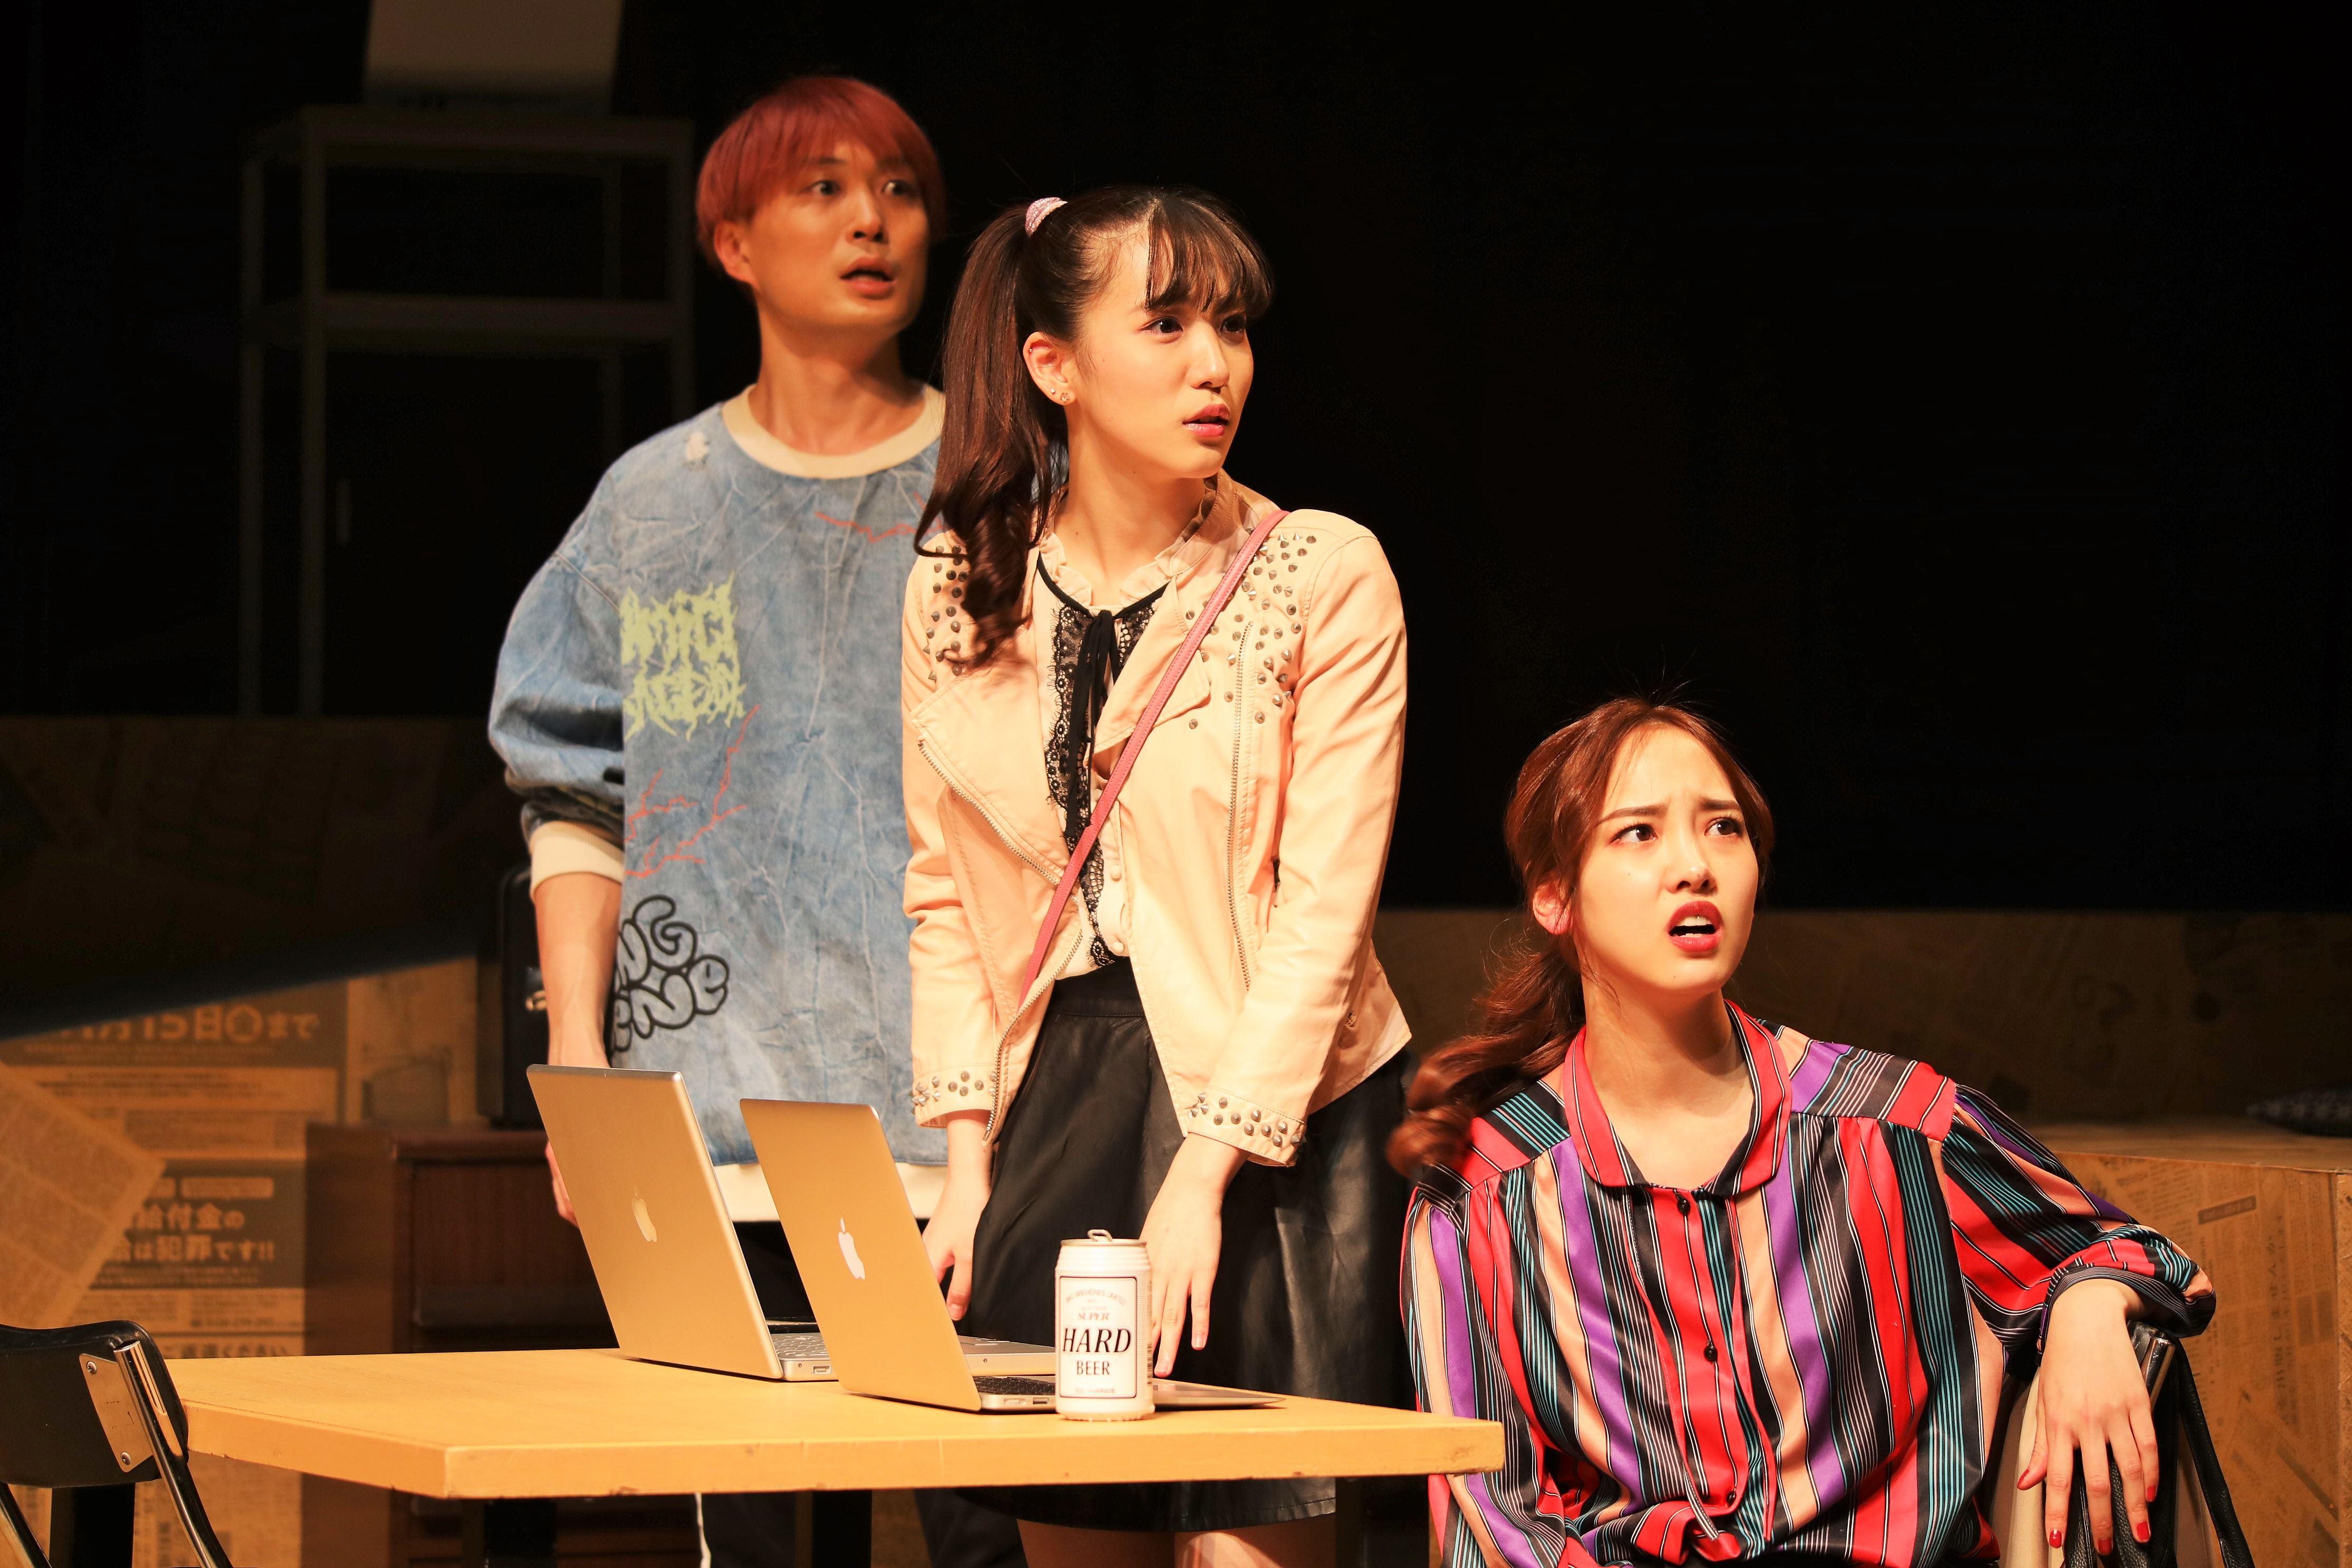 内野沙耶役を演じる下尾みう(中央)画像の無断転載・アップロードは一切禁止。